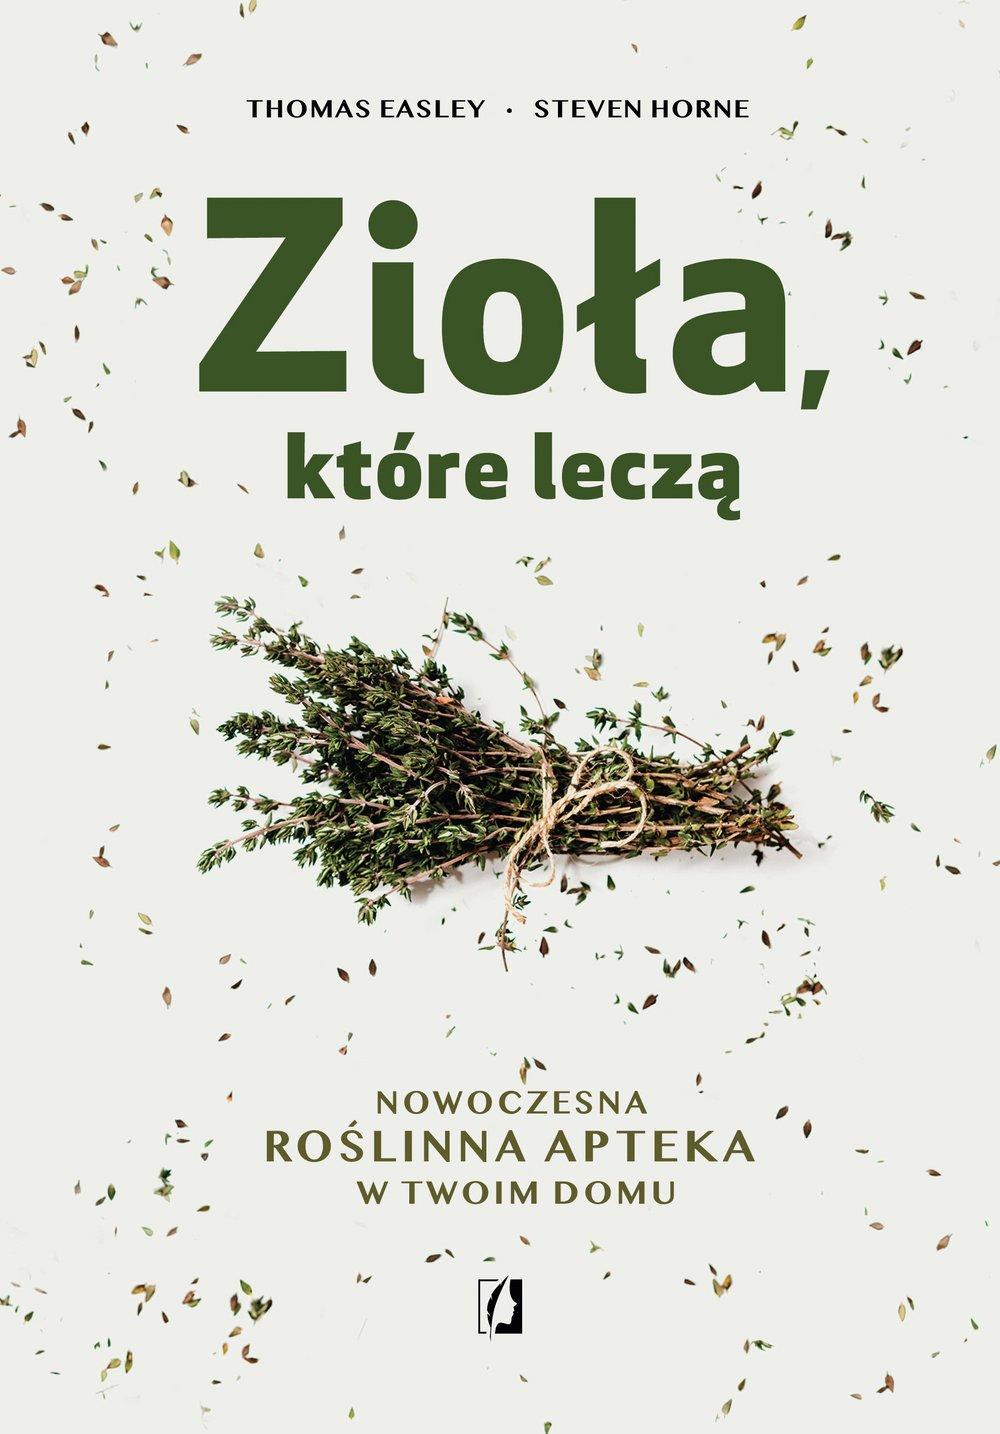 Zioła, które leczą. Nowoczesna roślinna apteka w twoim domu - Ebook (Książka EPUB) do pobrania w formacie EPUB